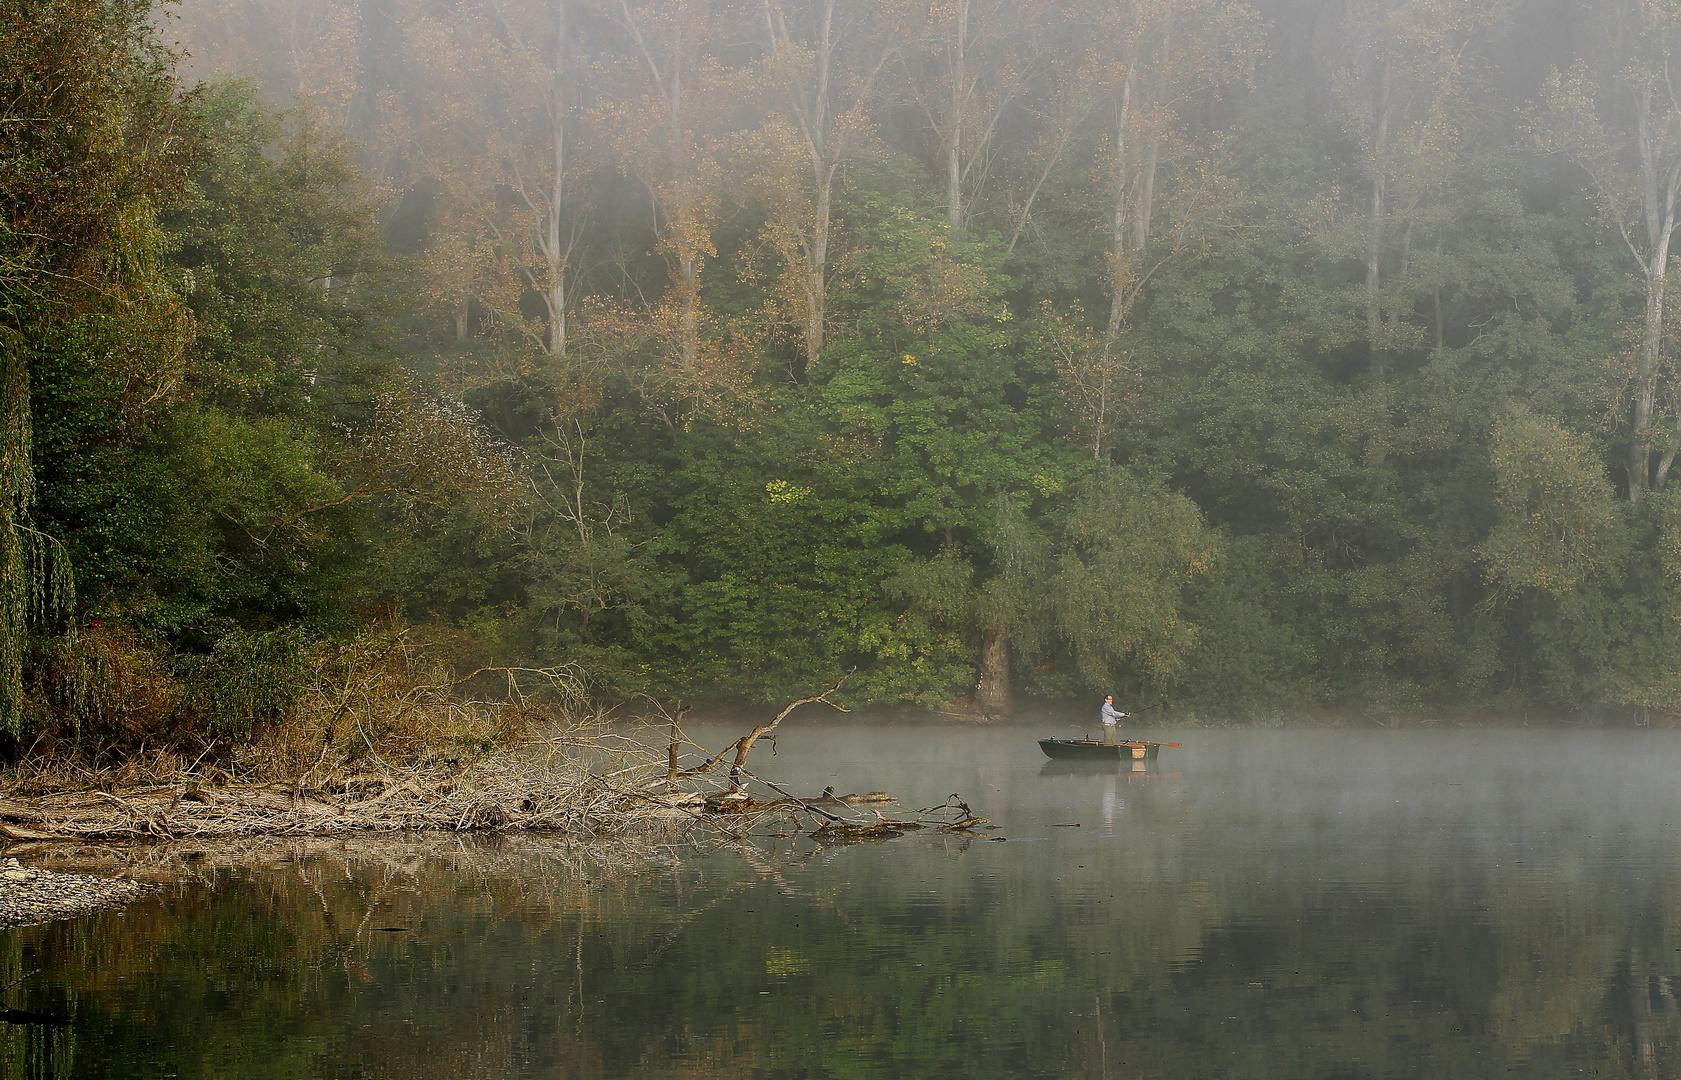 Herbstfischer im Nebel